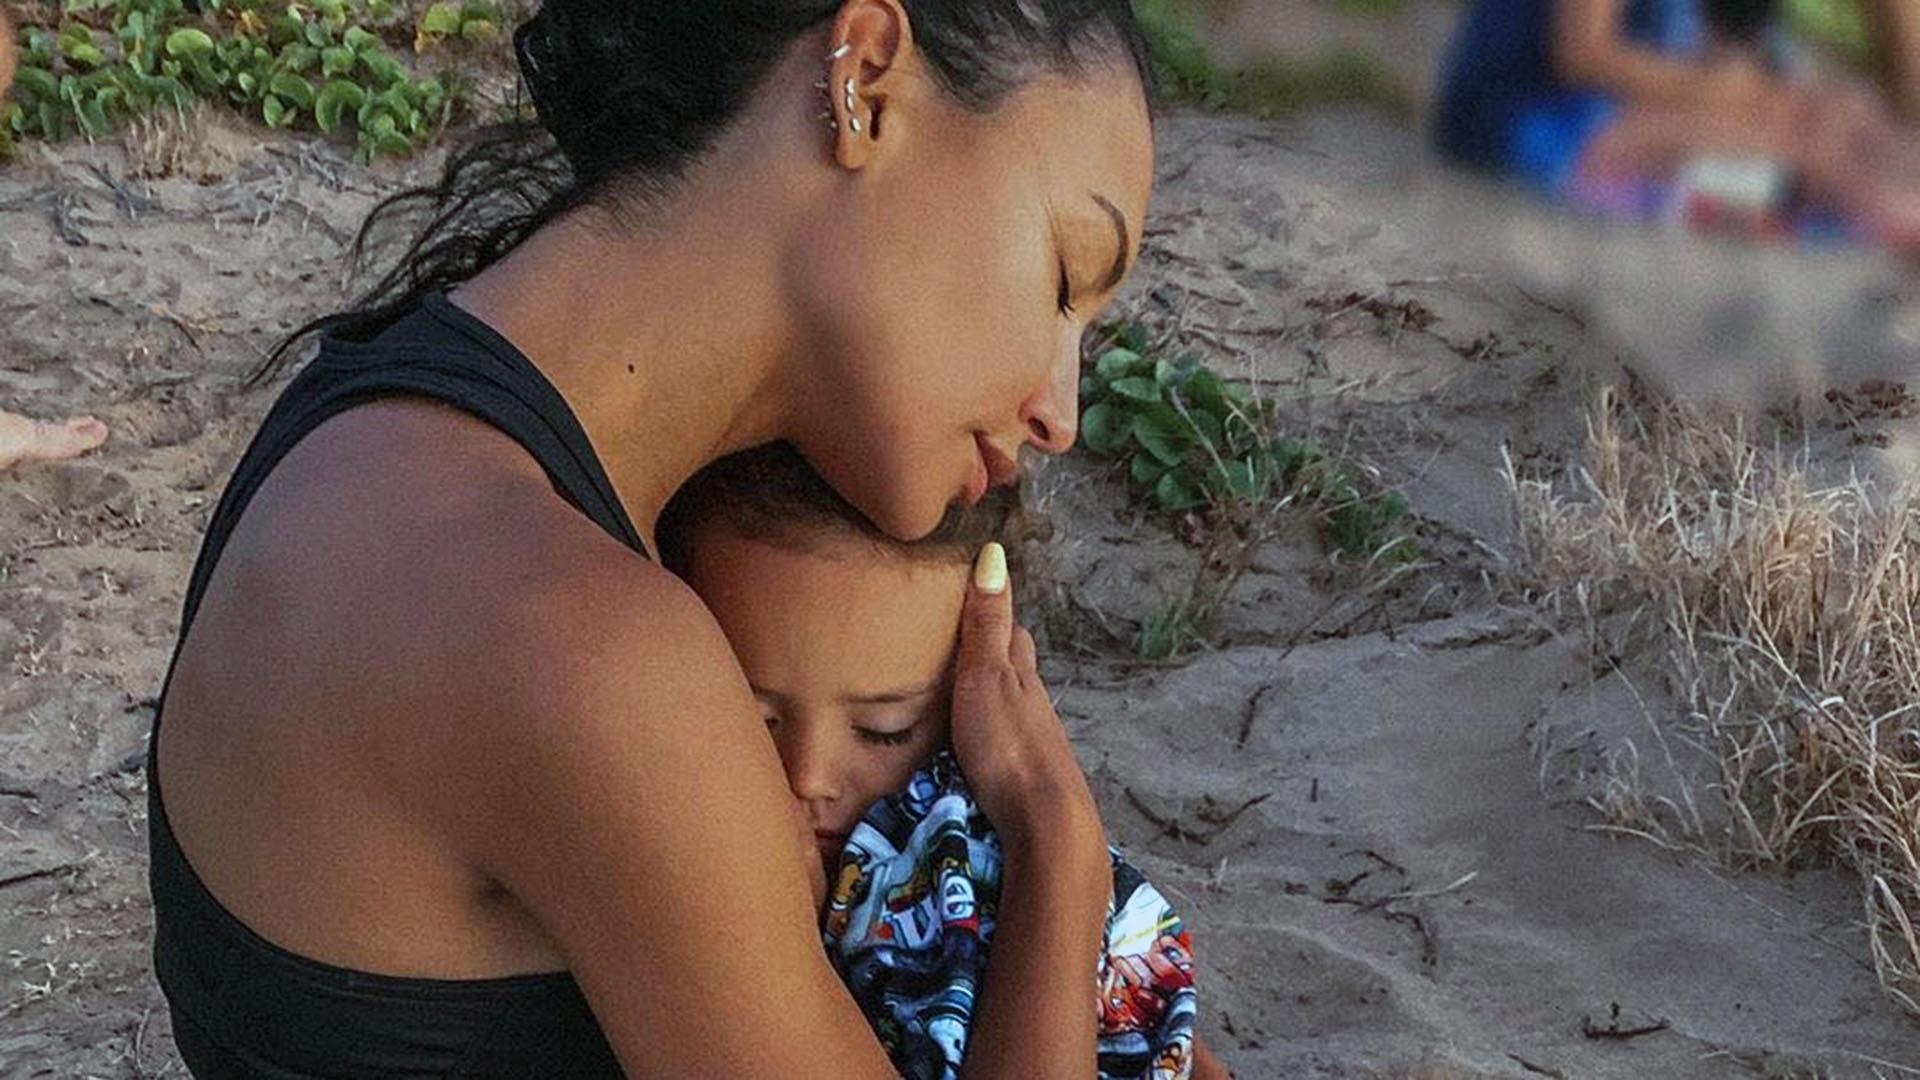 El último acto heroico de Naya Rivera: con el resto de sus fuerzas habría dado la vida por su hijo - Infobae